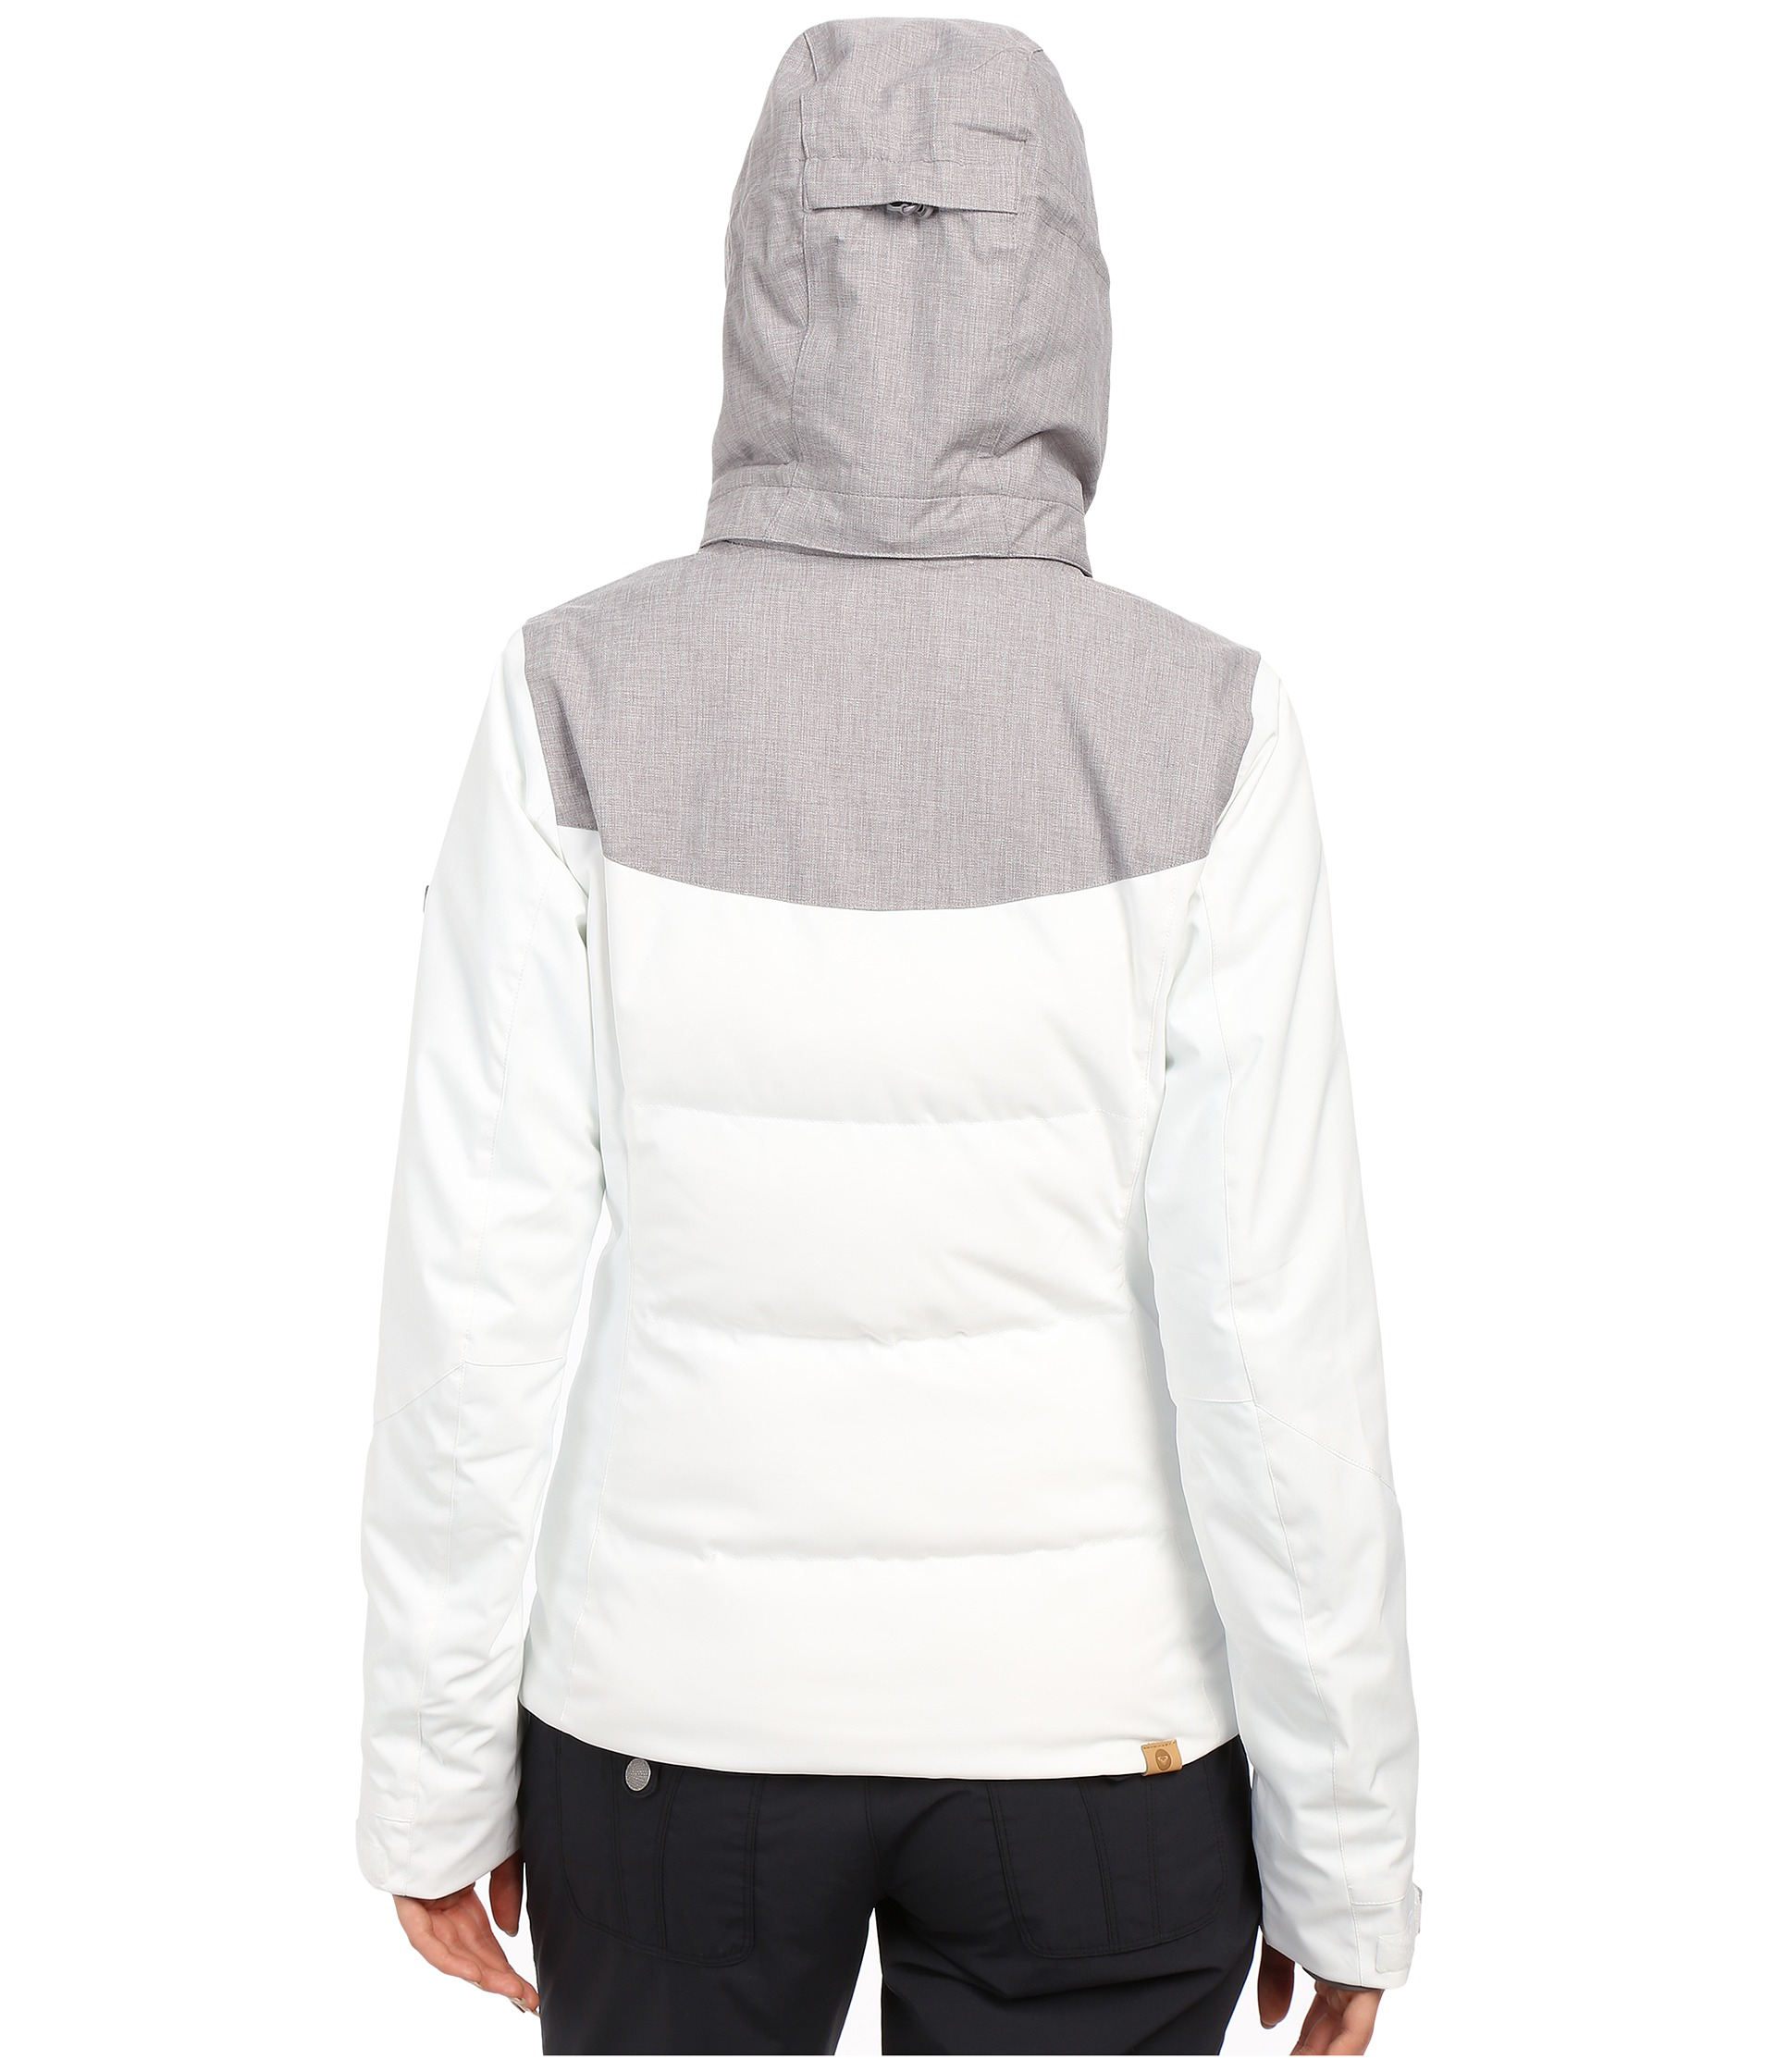 Lyst - Roxy Flicker Snow Jacket in White 9d0b5c37c